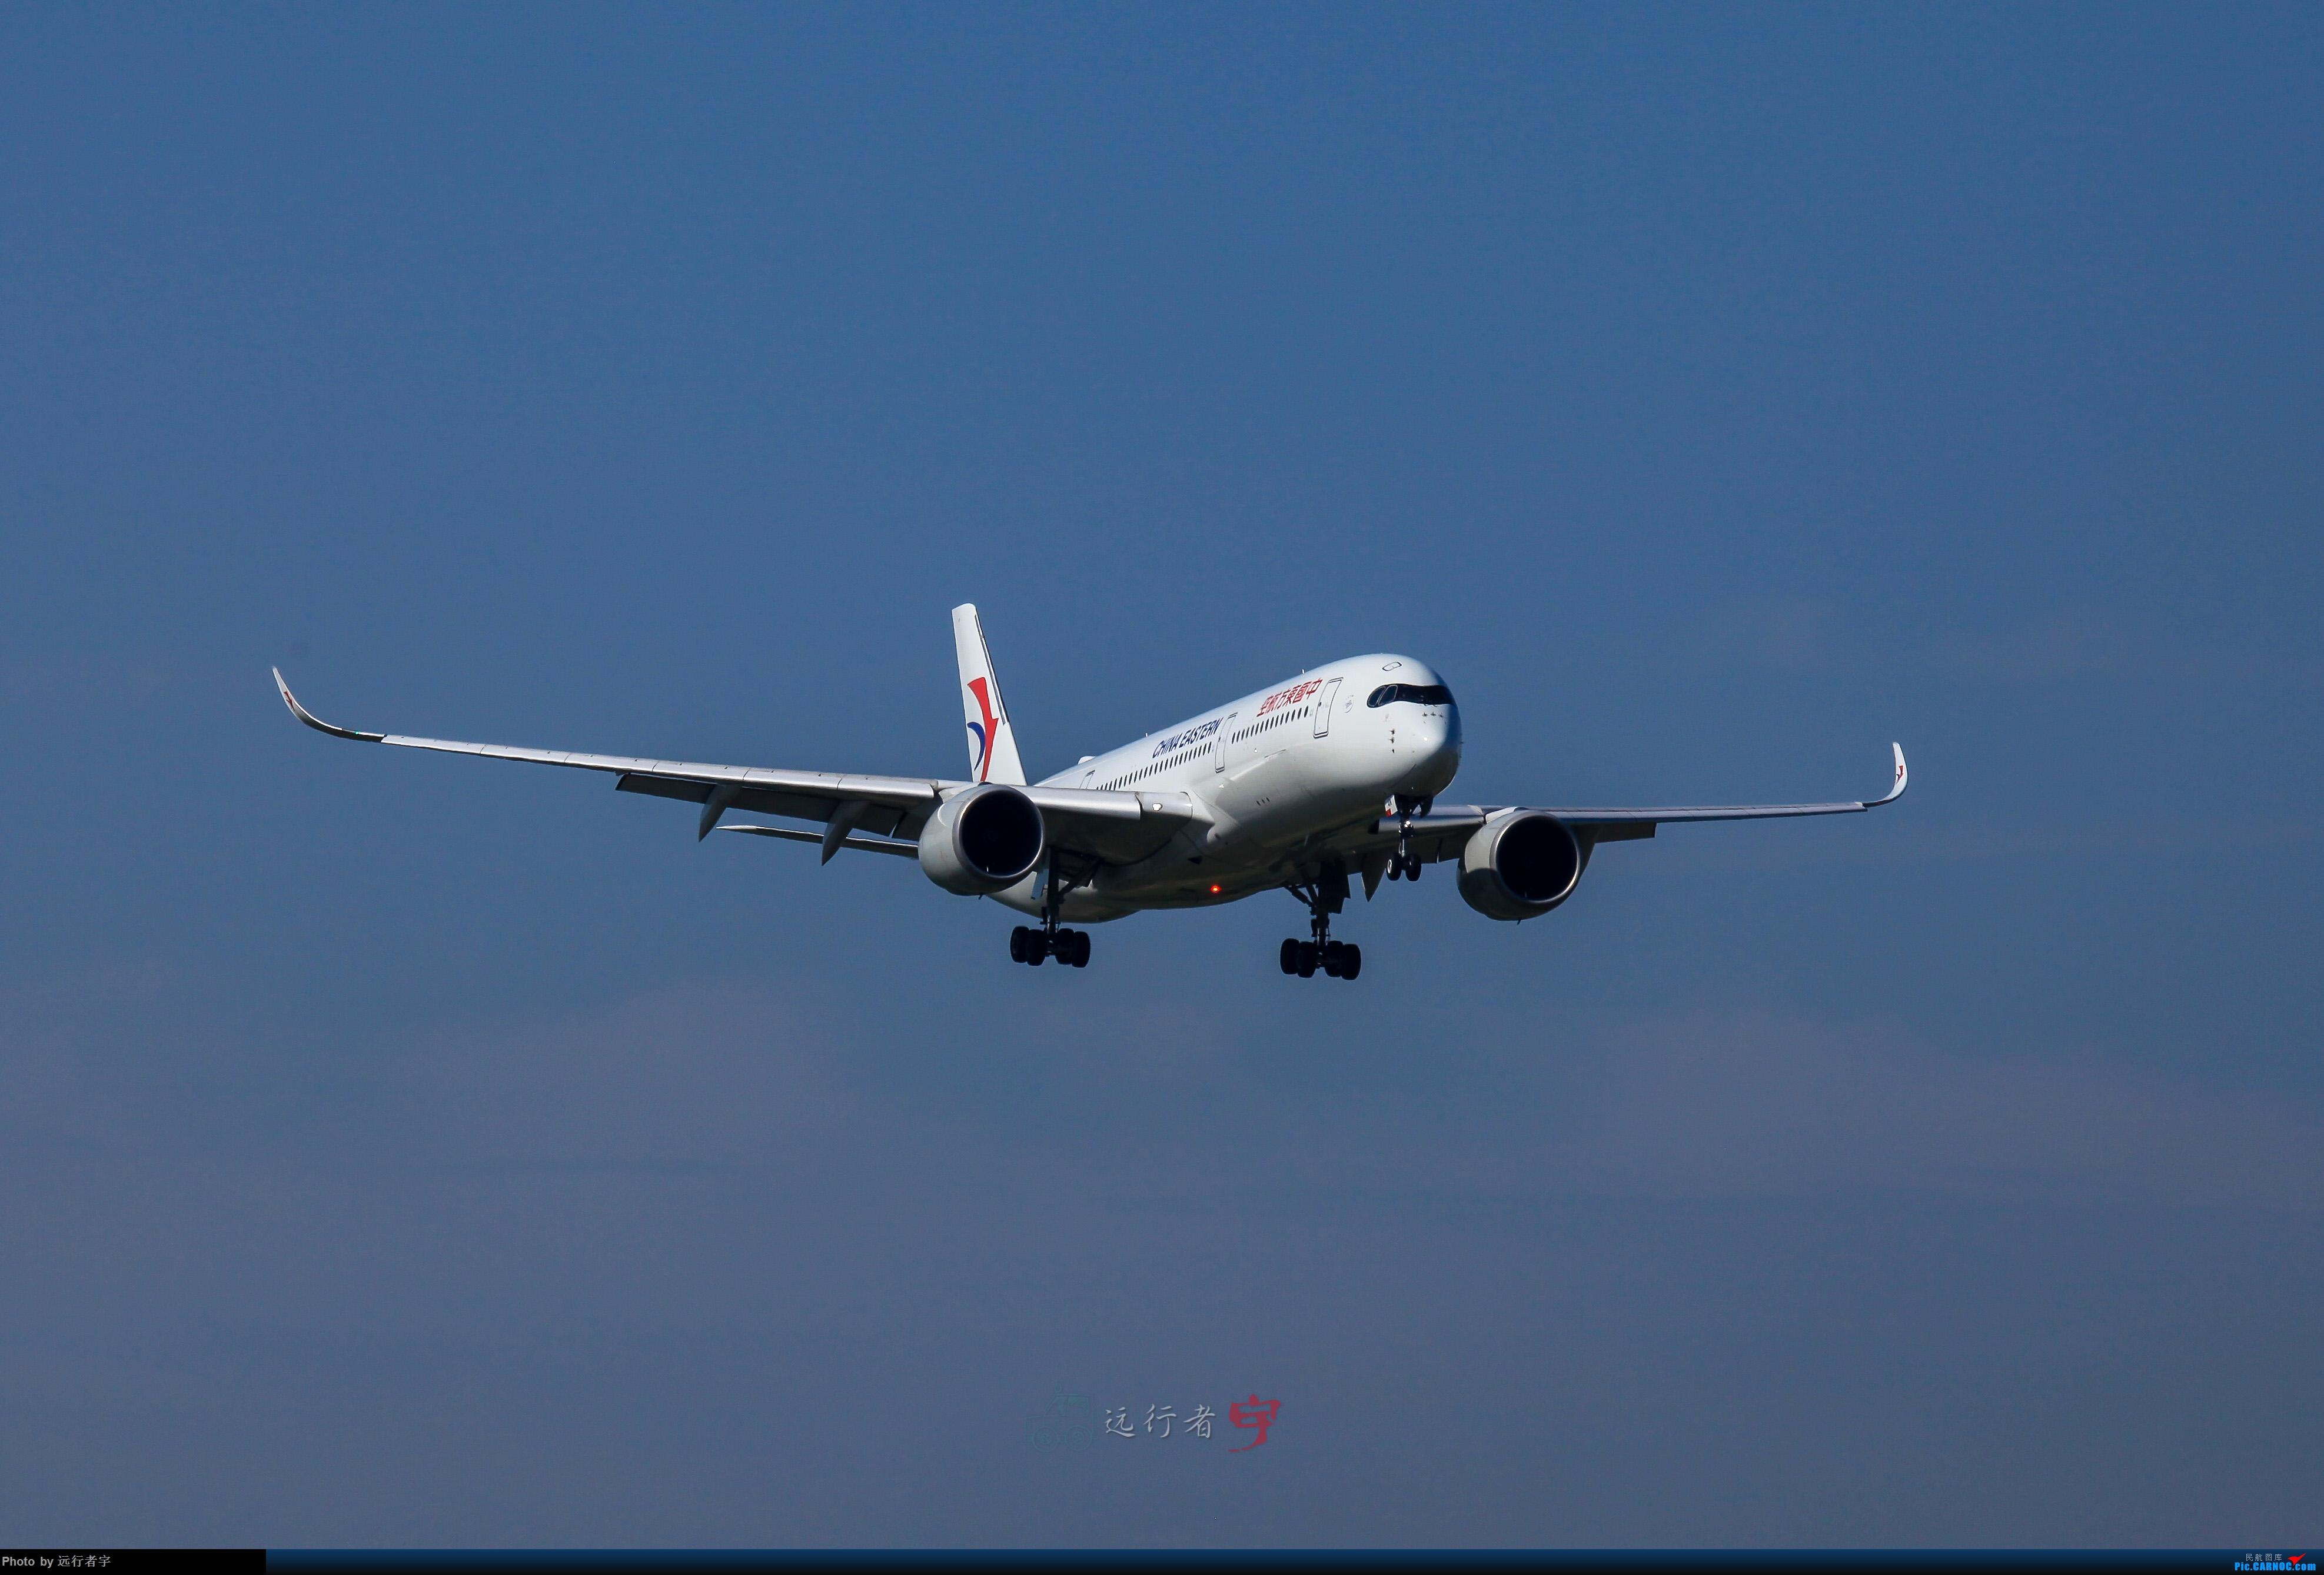 Re:[原创]【CTU】大晴天双流02R拍机(号外:与东航350的缘分) AIRBUS A350-900 B-304N 中国成都双流国际机场